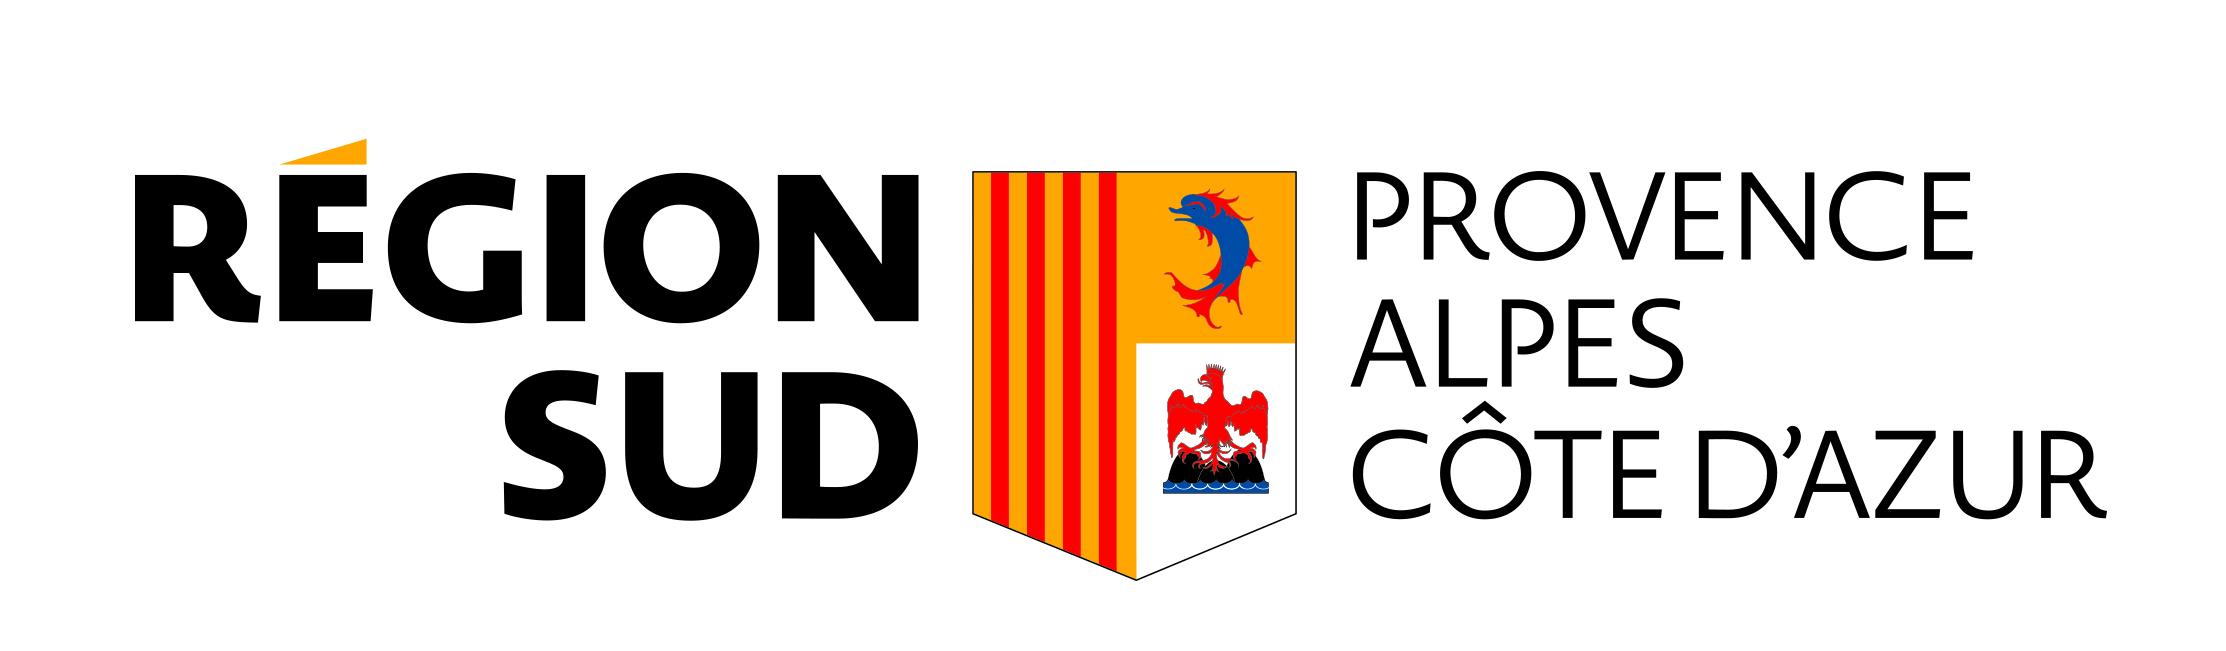 REGION SUD - PROVENCE ALPES CÔTE D'AZUR